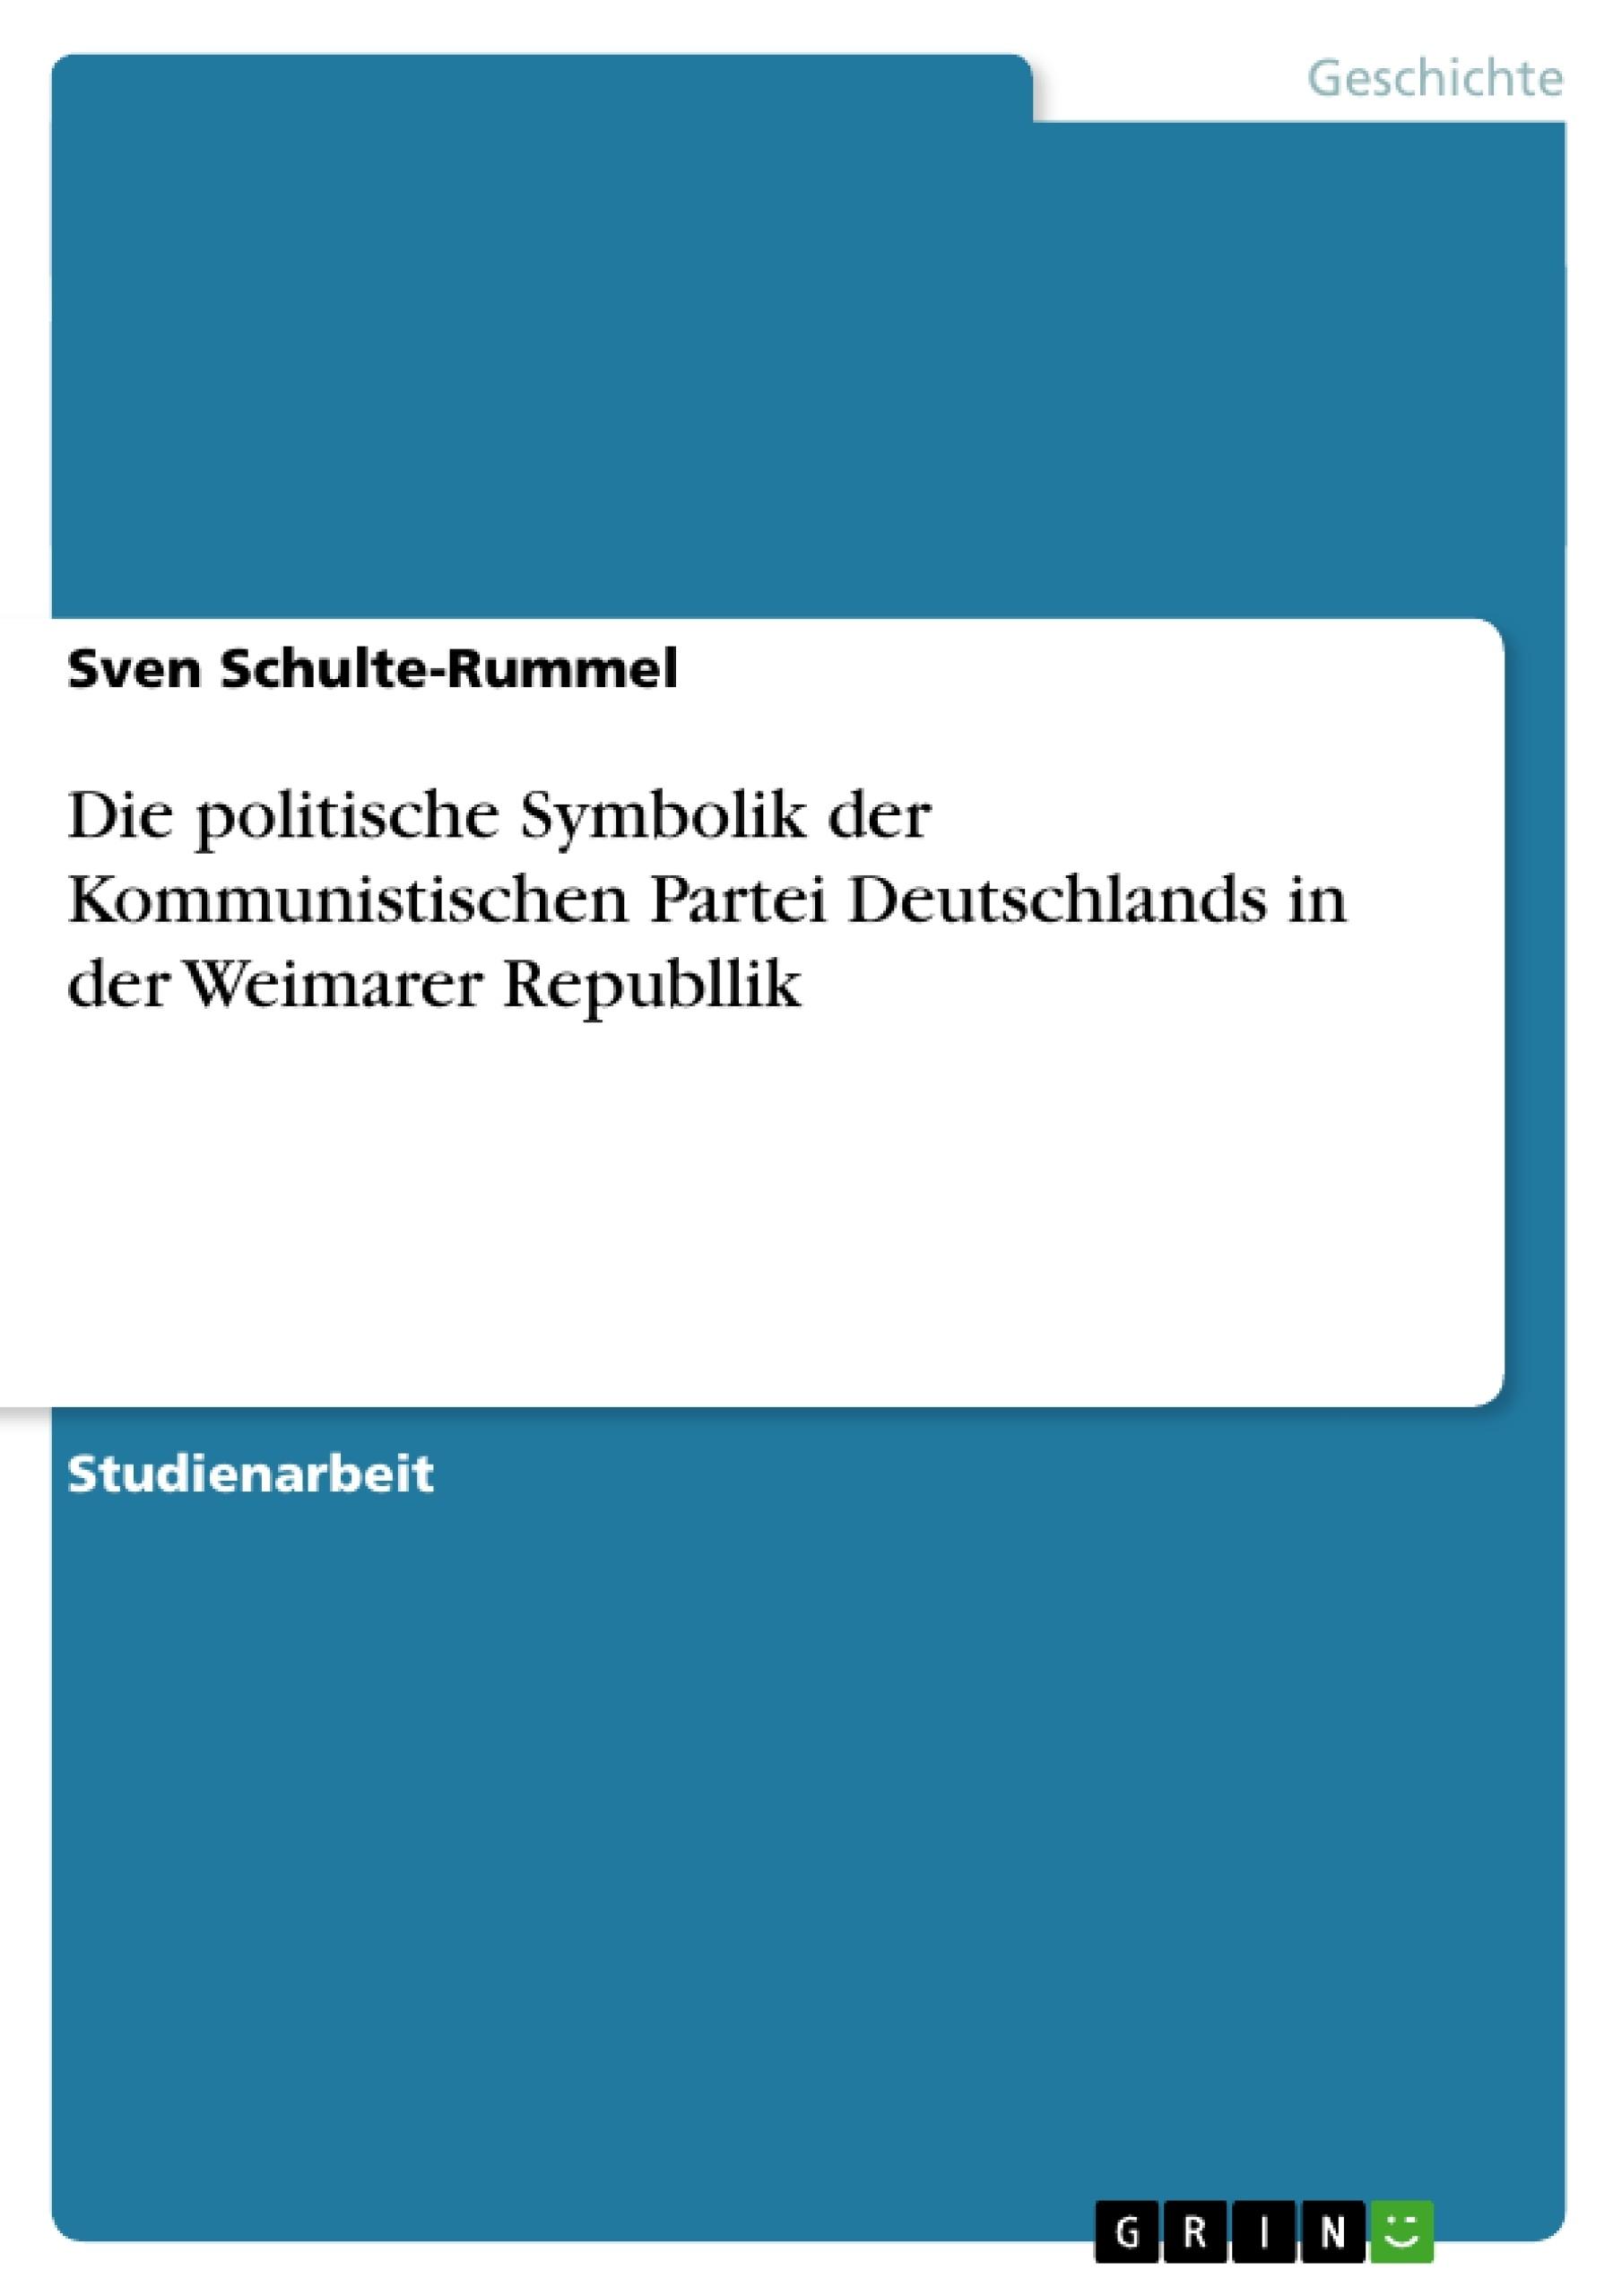 Titel: Die politische Symbolik der Kommunistischen Partei Deutschlands in der Weimarer Republlik